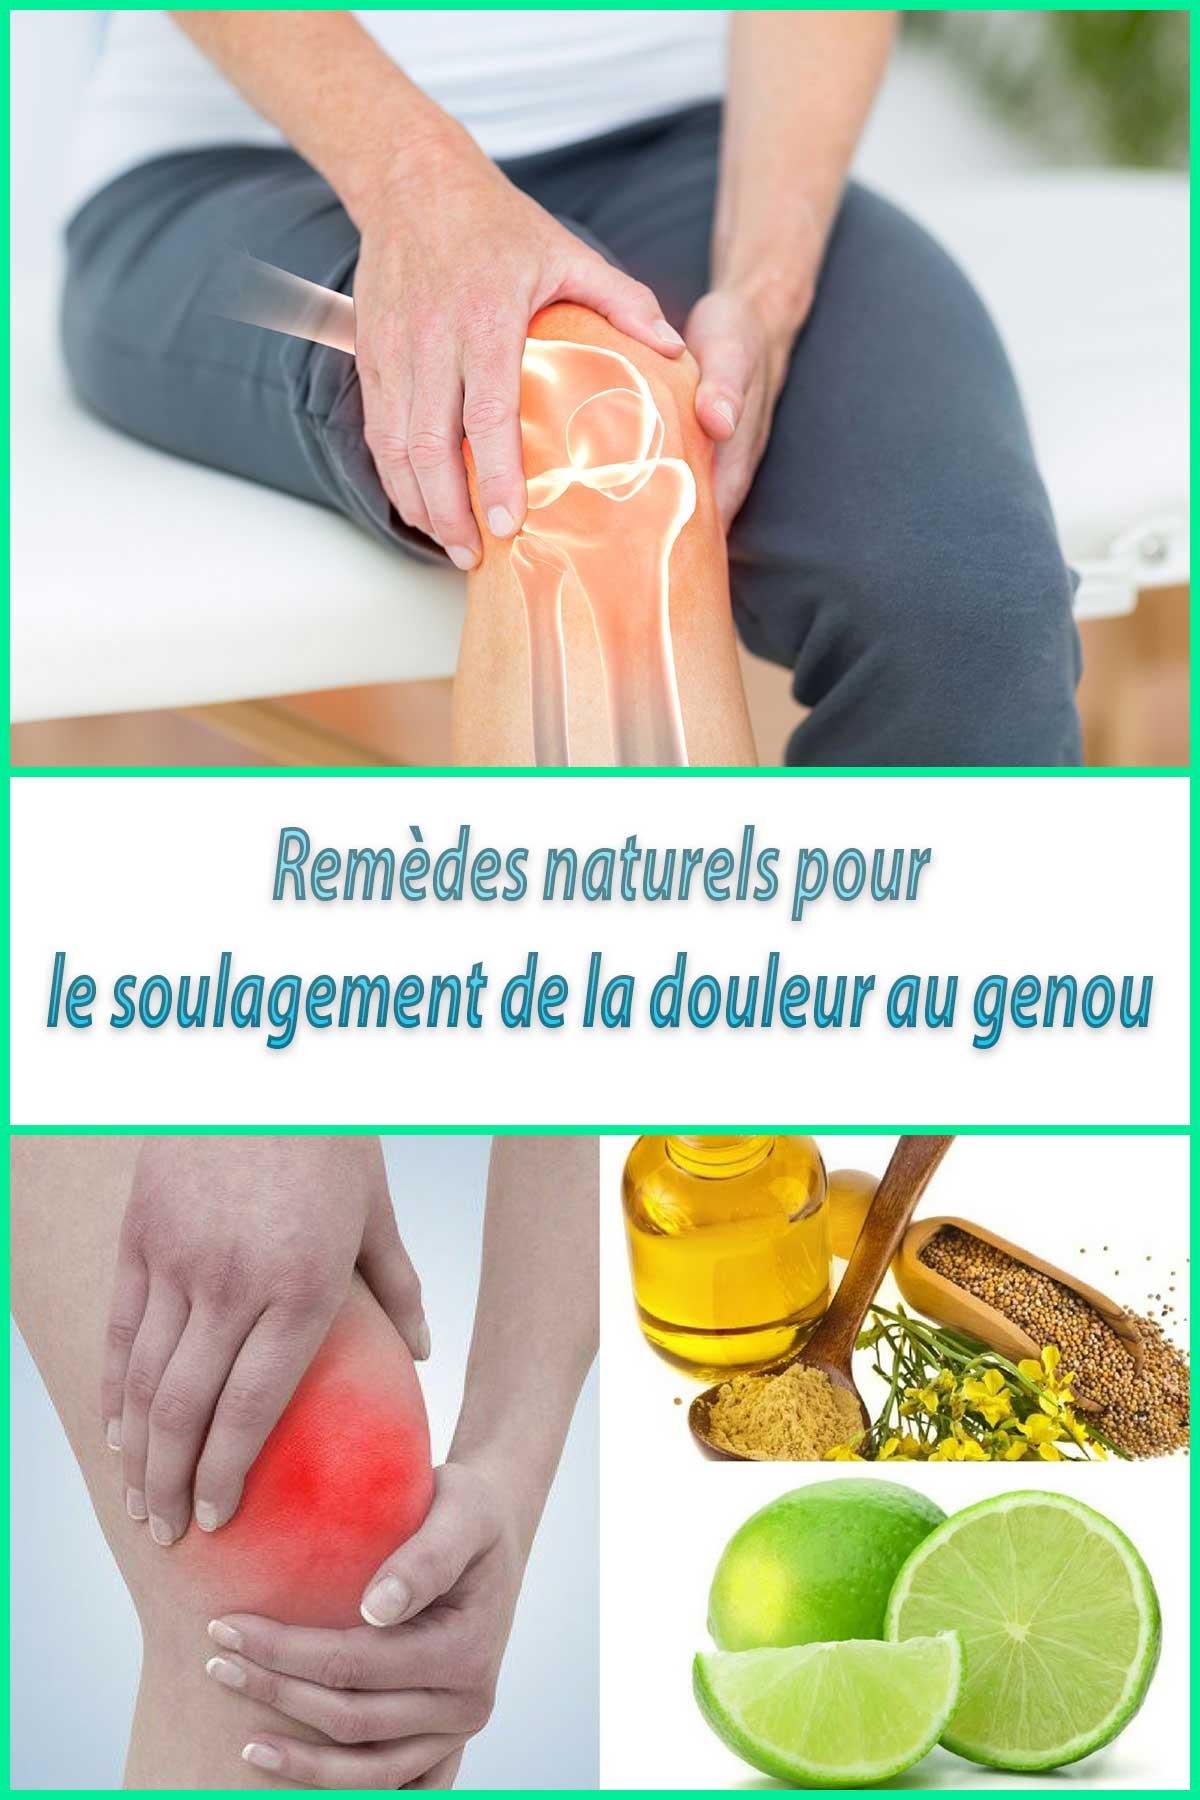 Remèdes naturels pour le soulagement de la douleur au genou